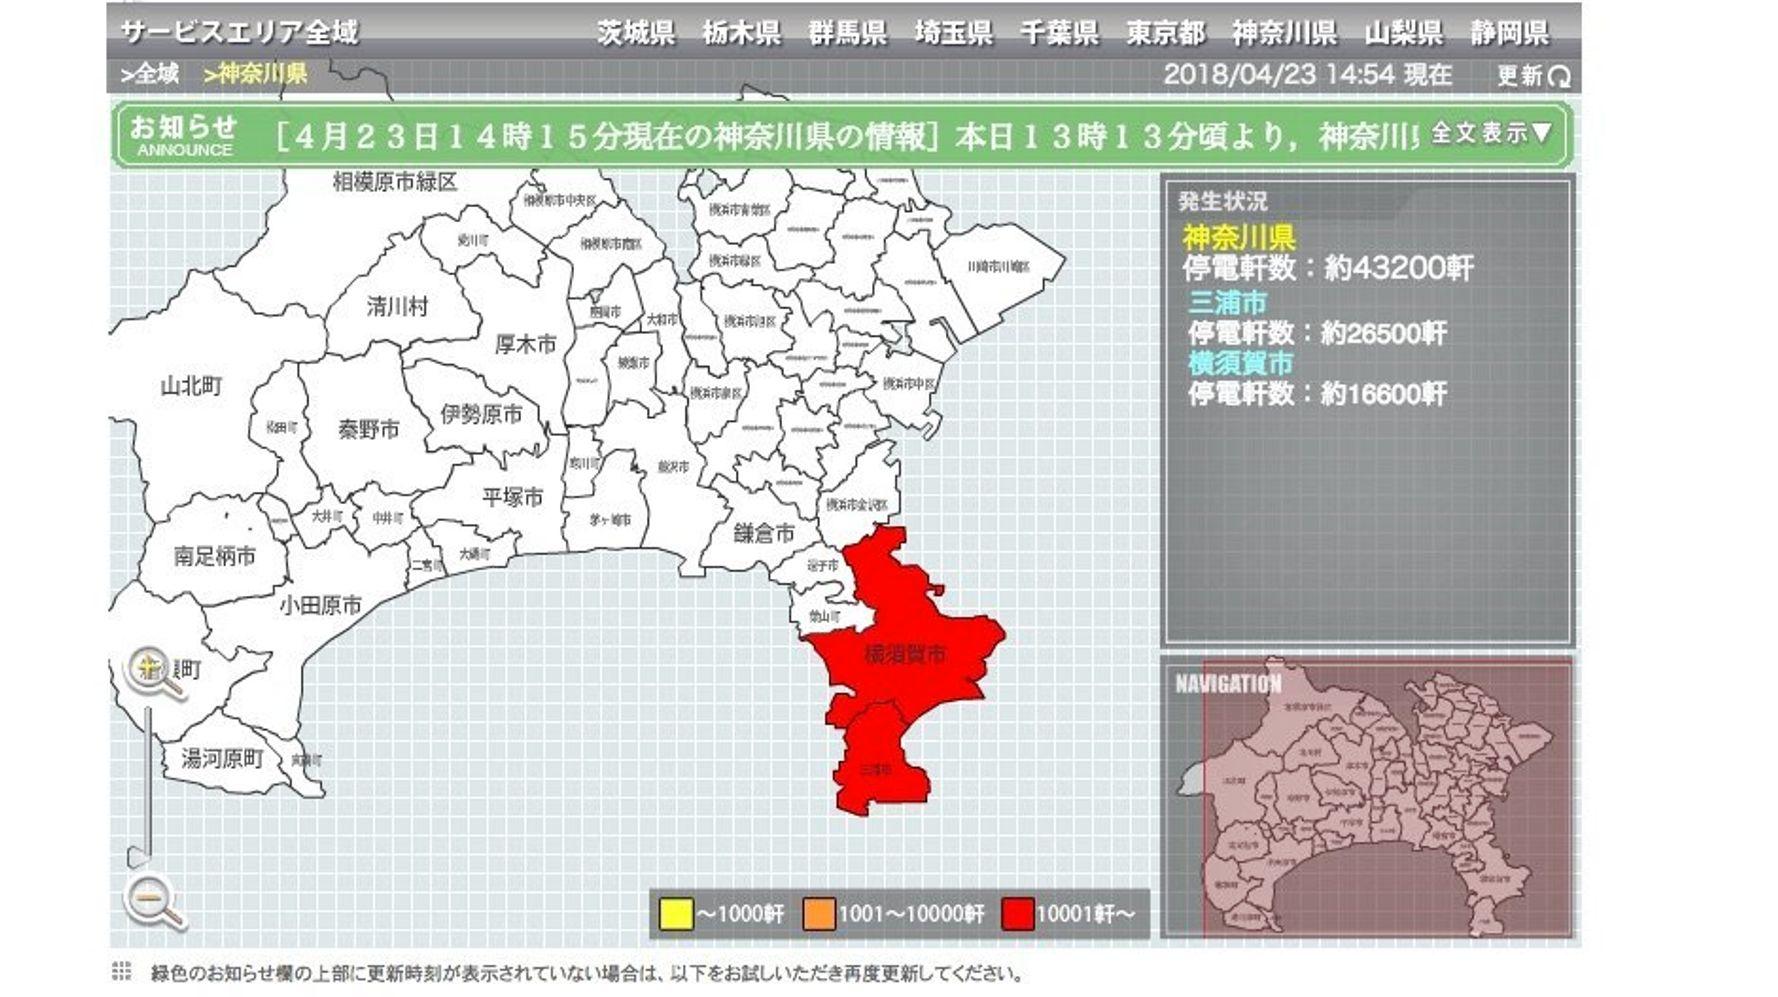 停電 神奈川 電力 東京 東京電力